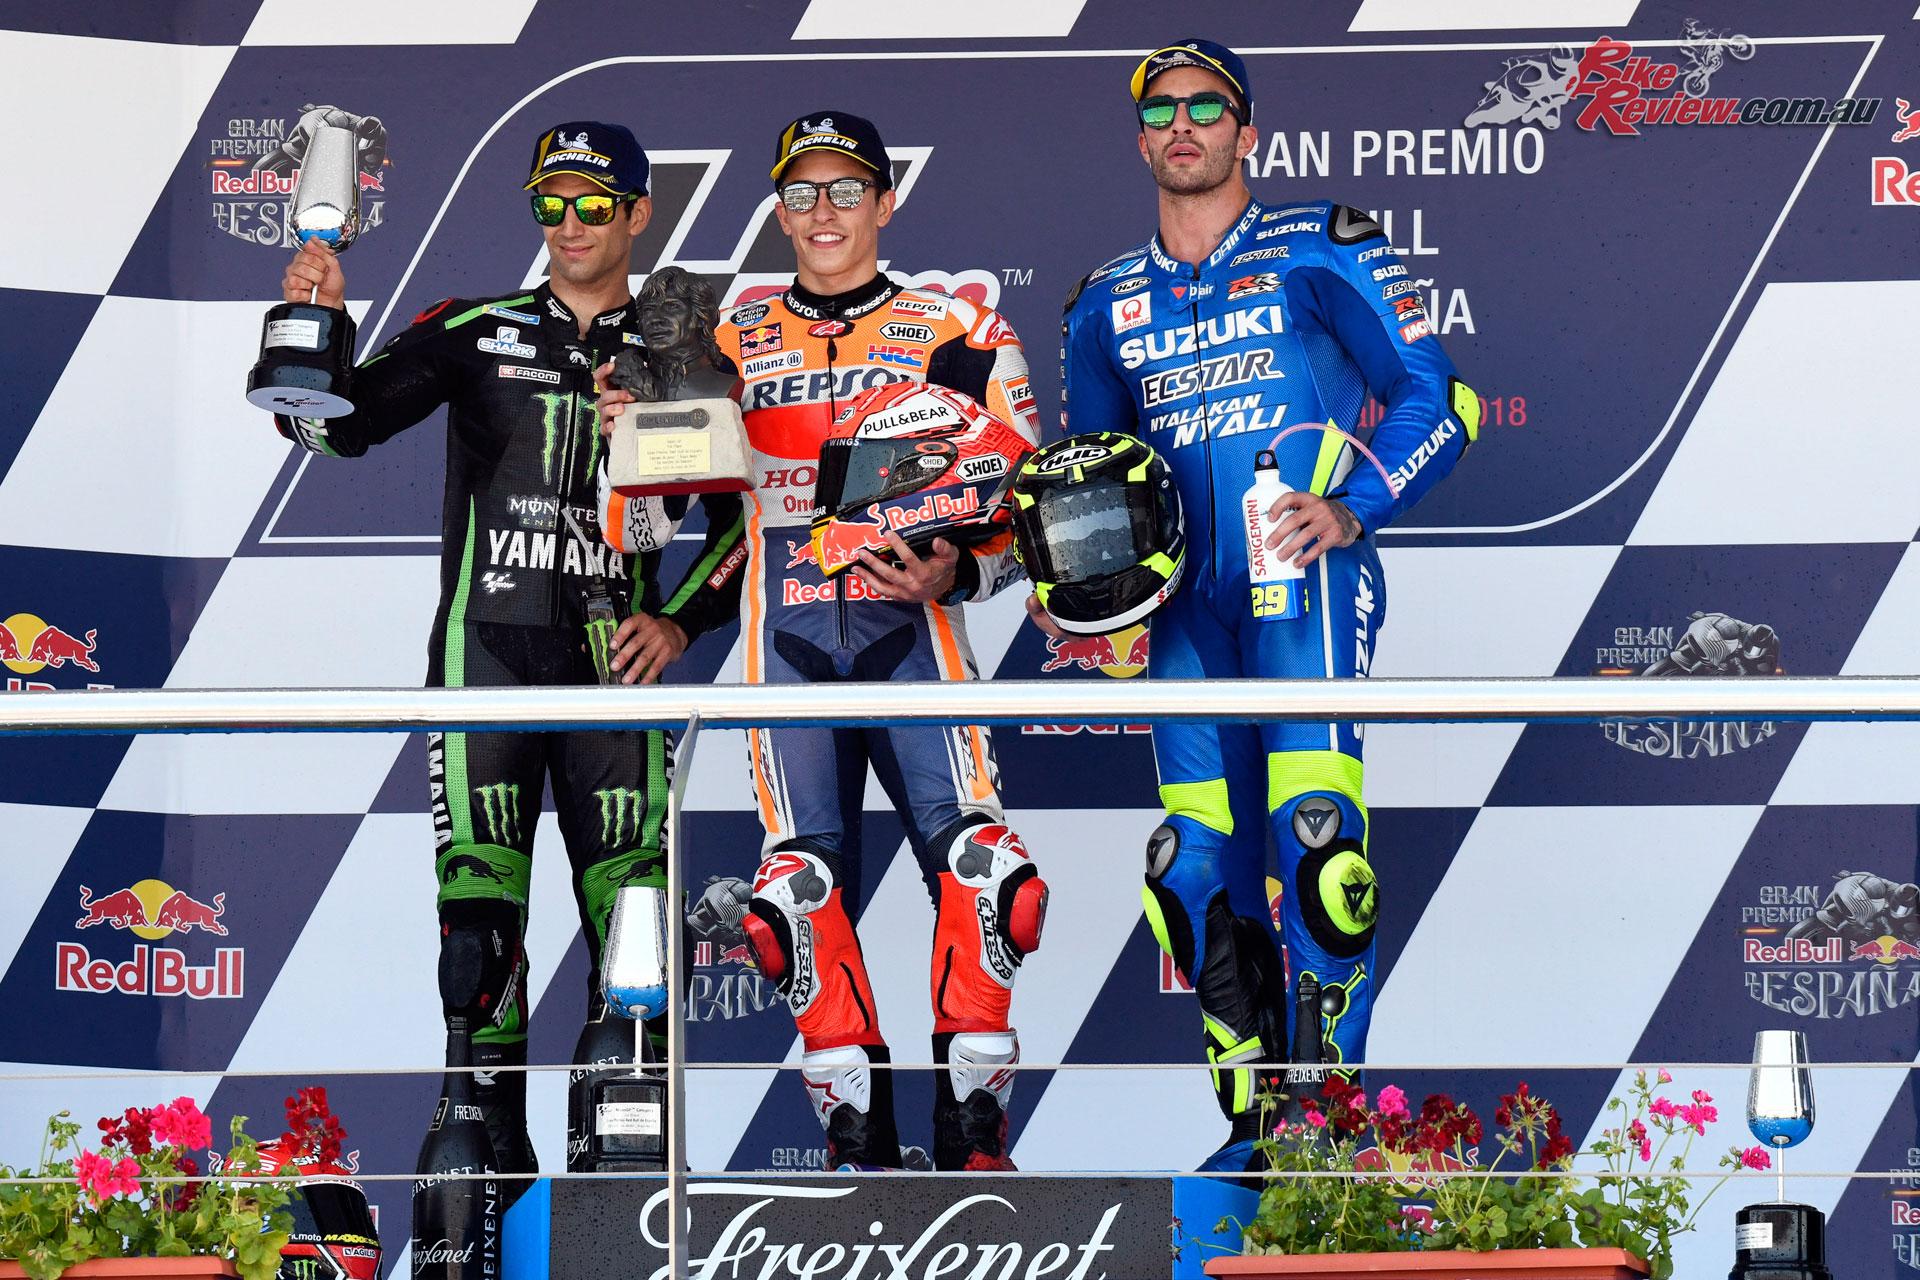 2018 MotoGP Podium - Jerez